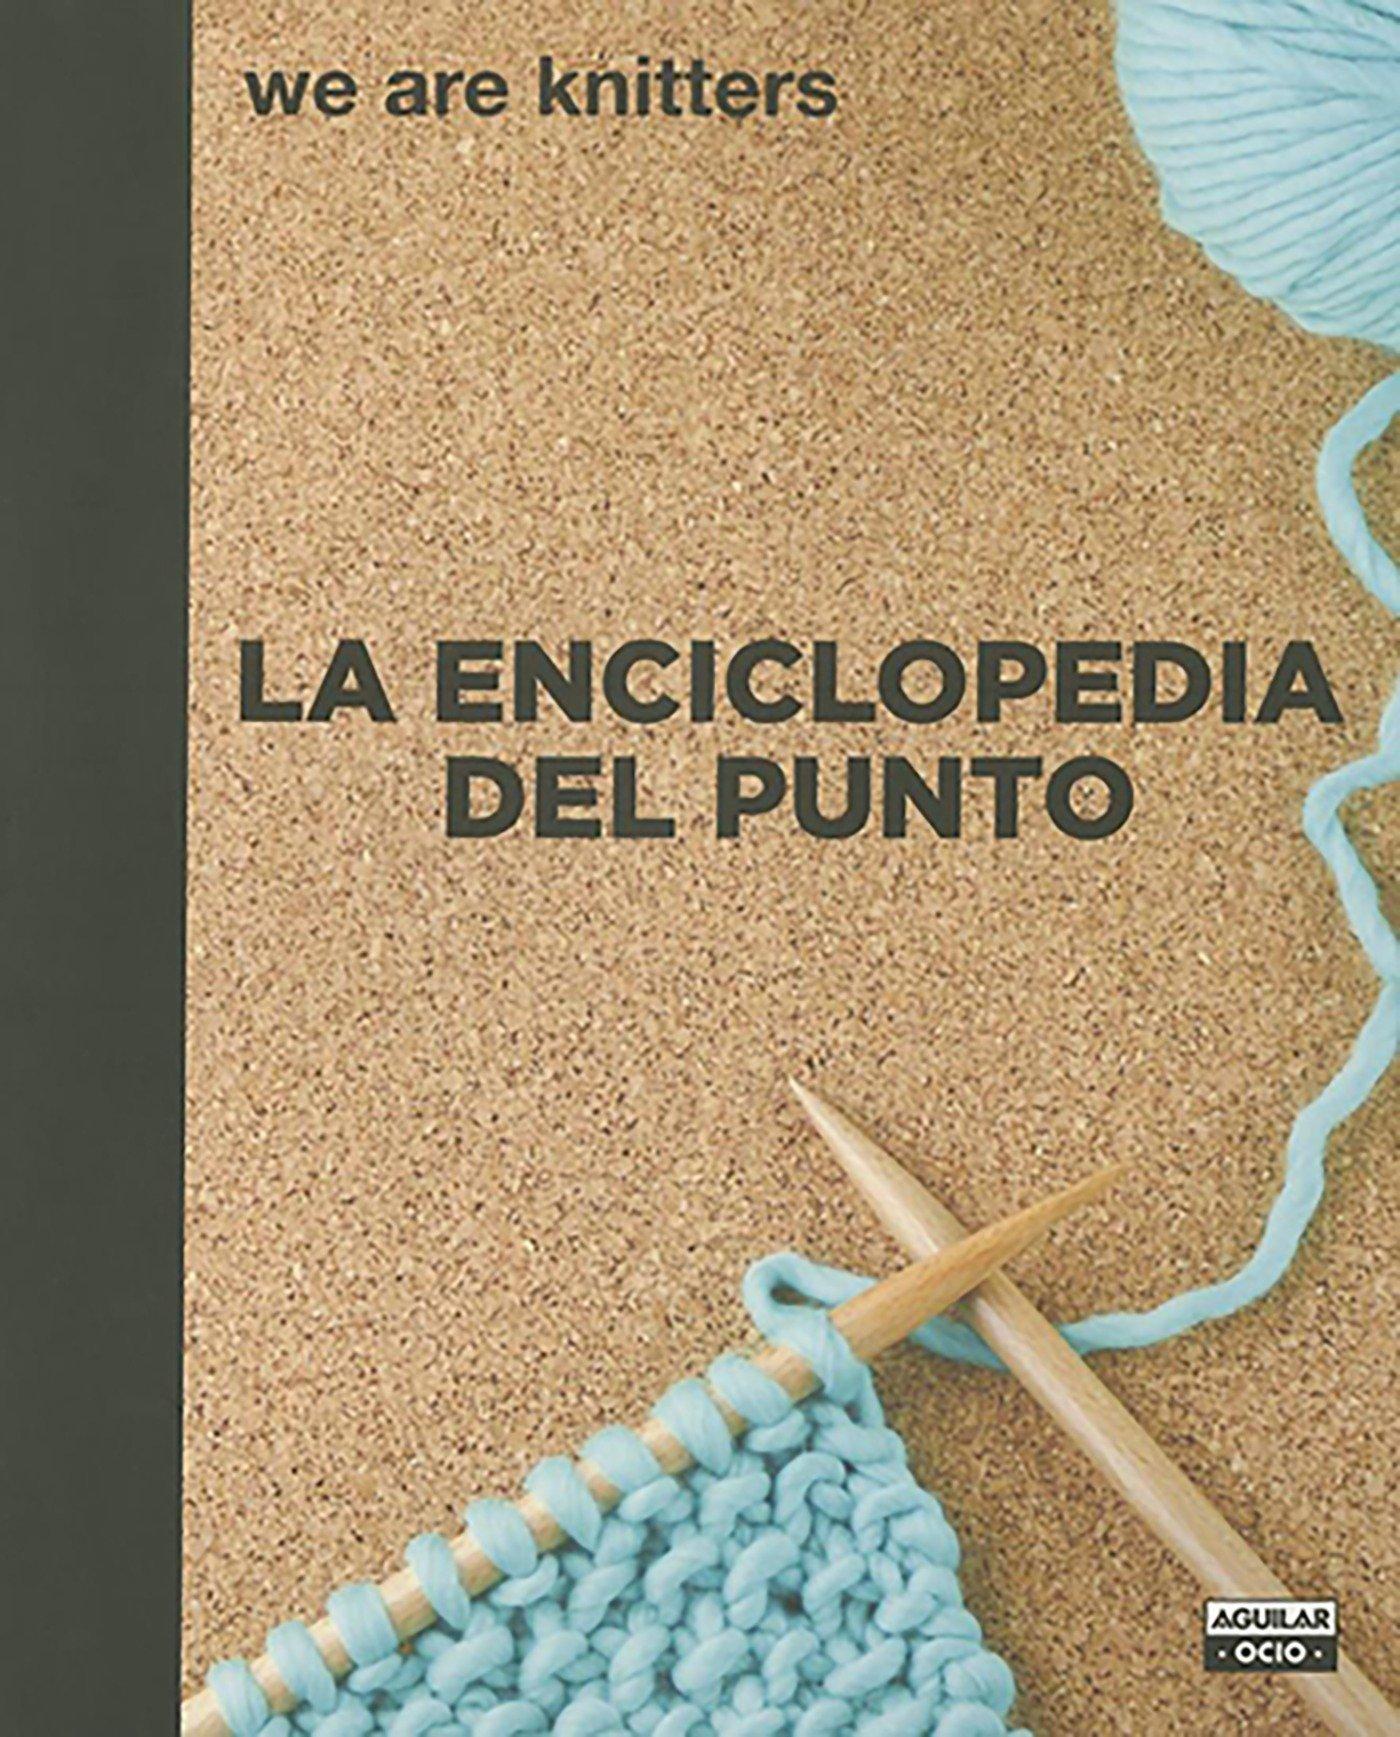 La enciclopedia del punto (Ocio y tiempo libre): Amazon.es: We Are ...